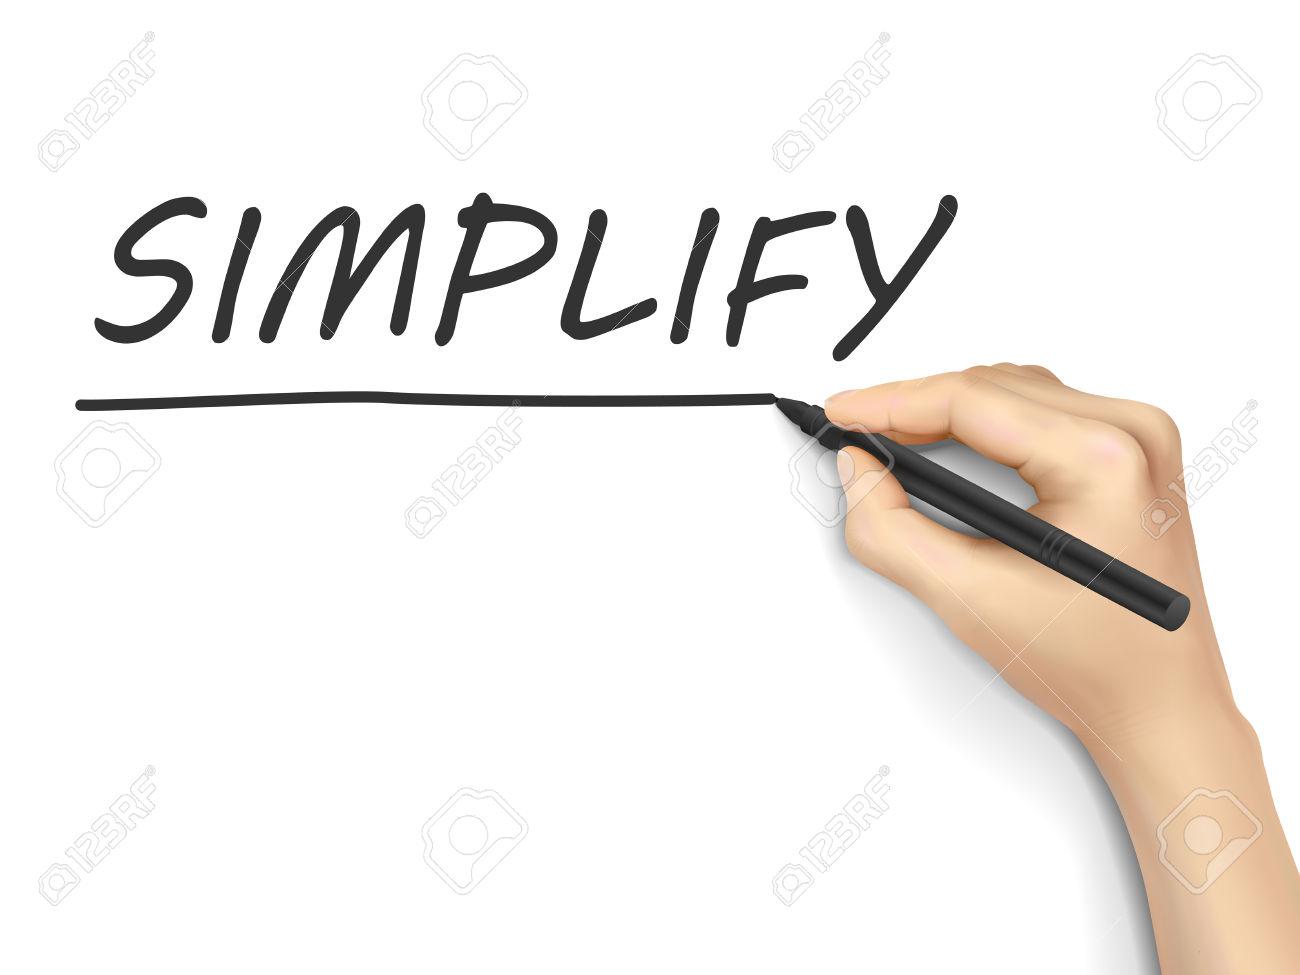 Simplificar La Palabra Escrita A Mano Sobre Fondo Blanco.